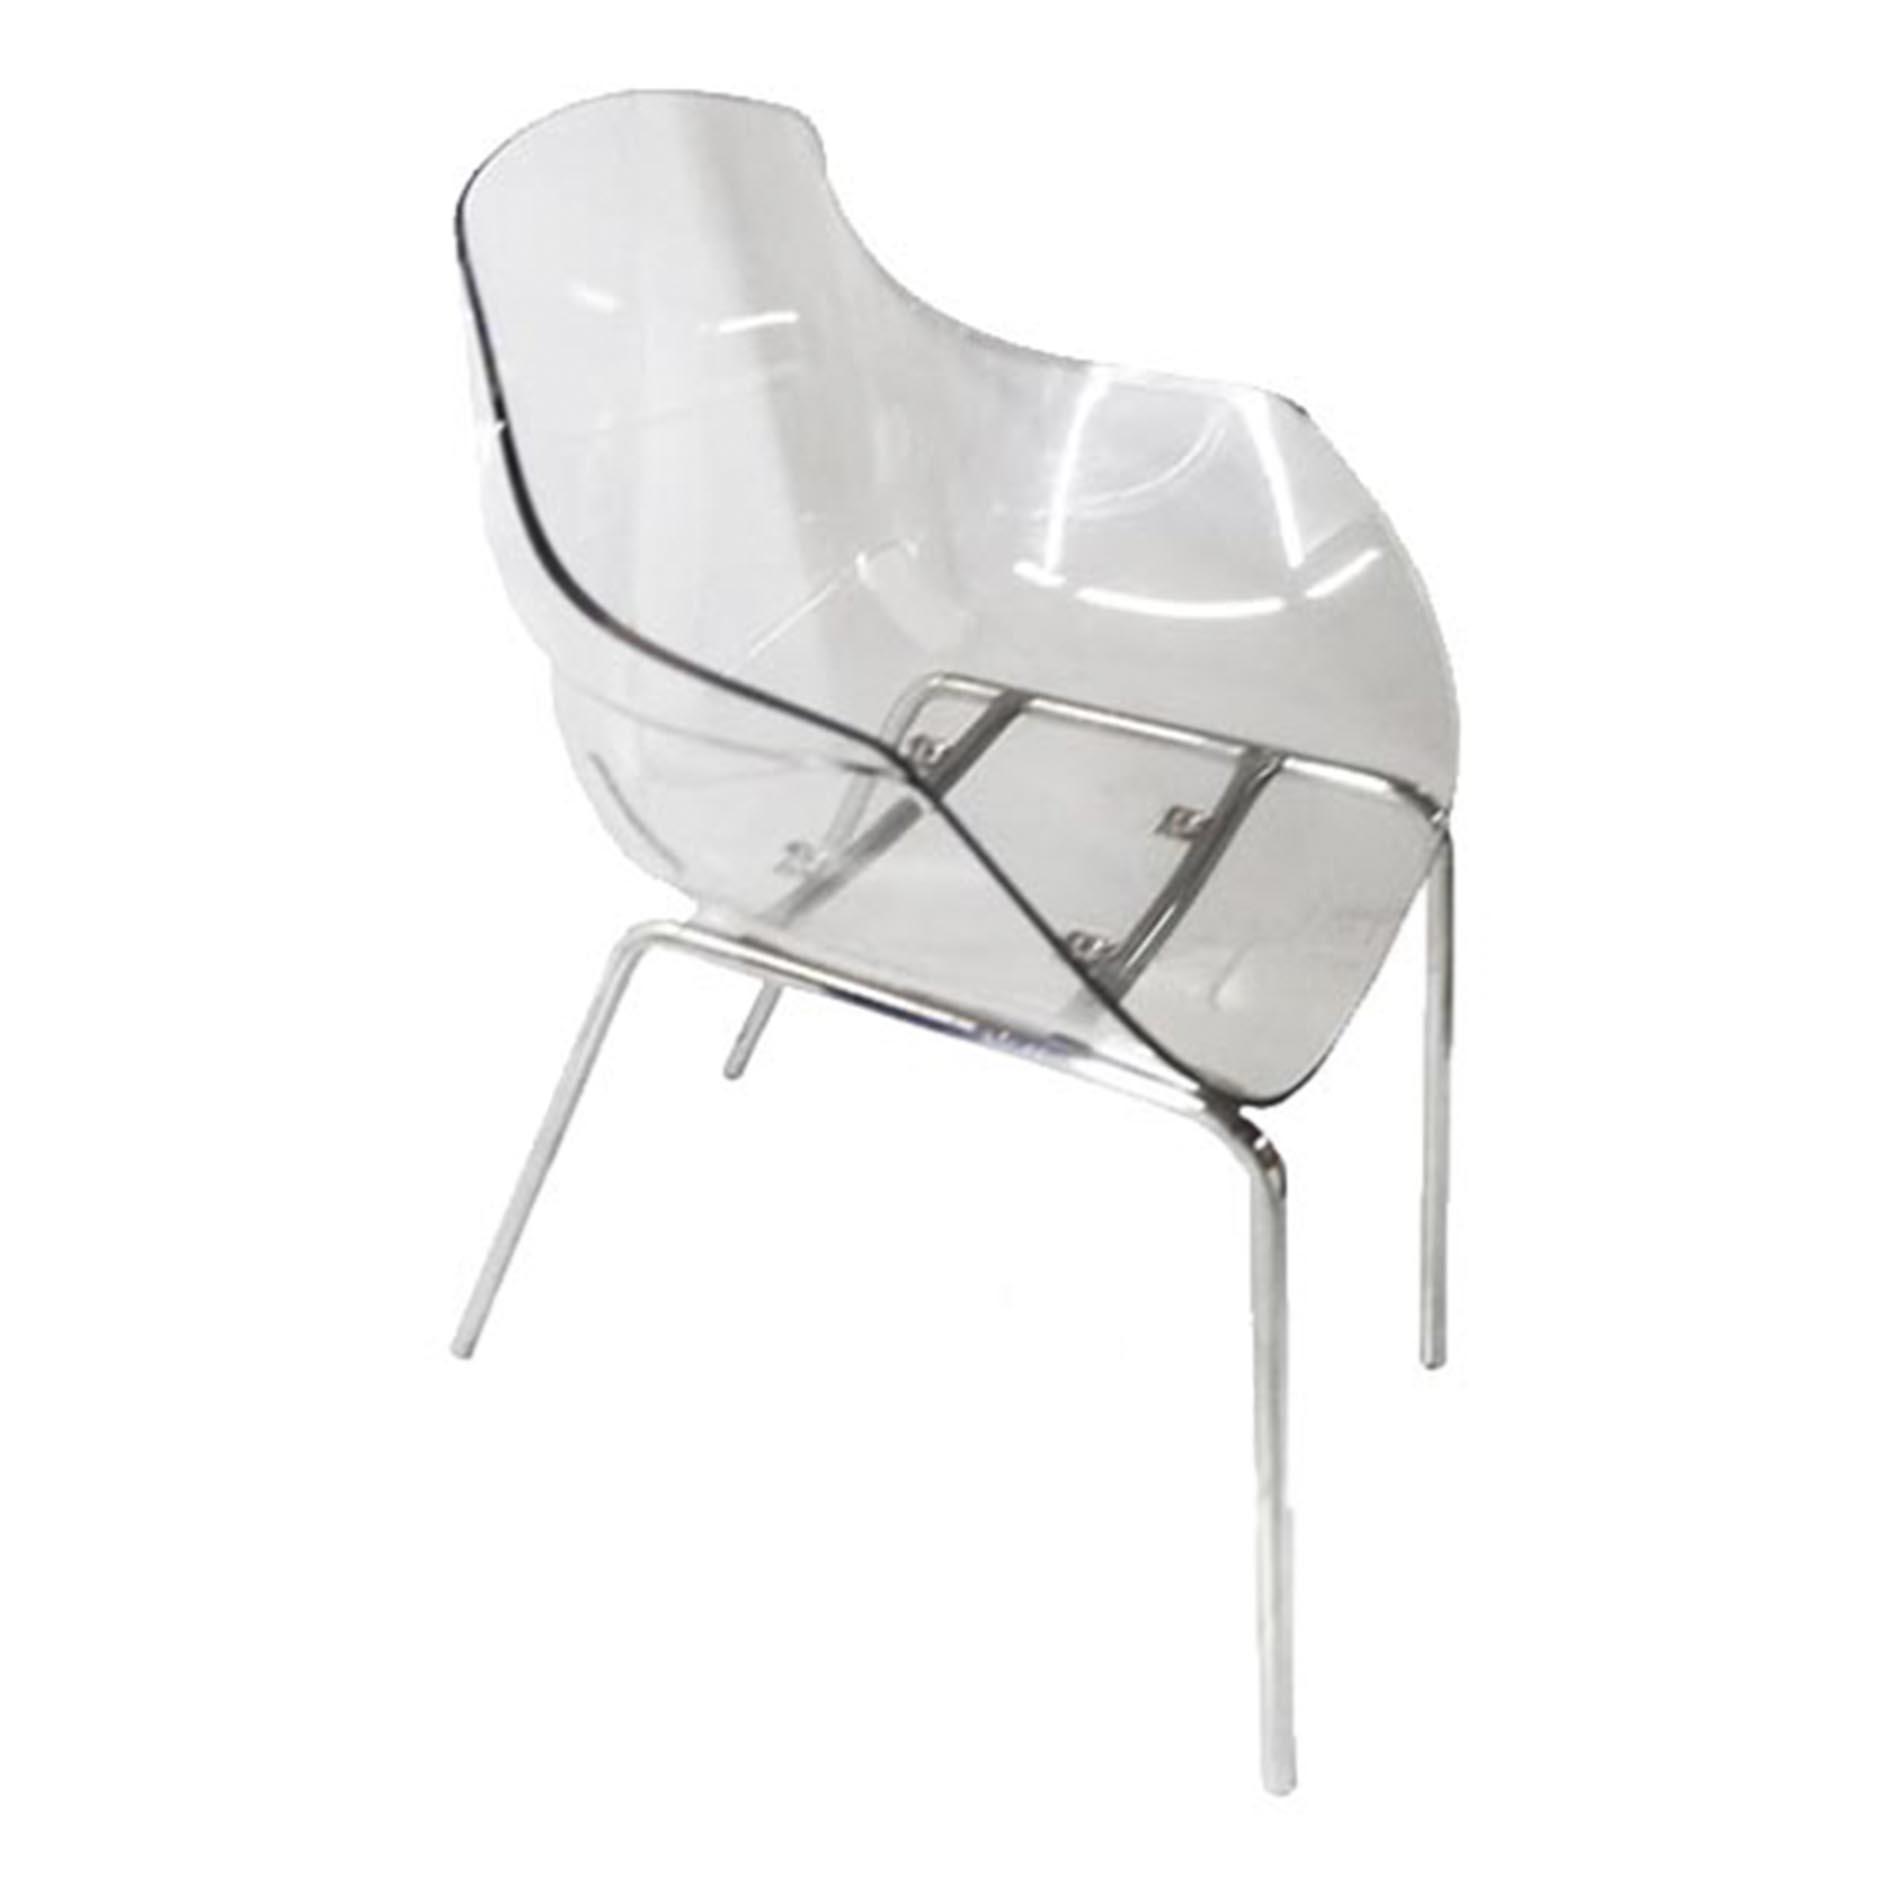 Alquipanel silla bettel cristal for Sillas cristal